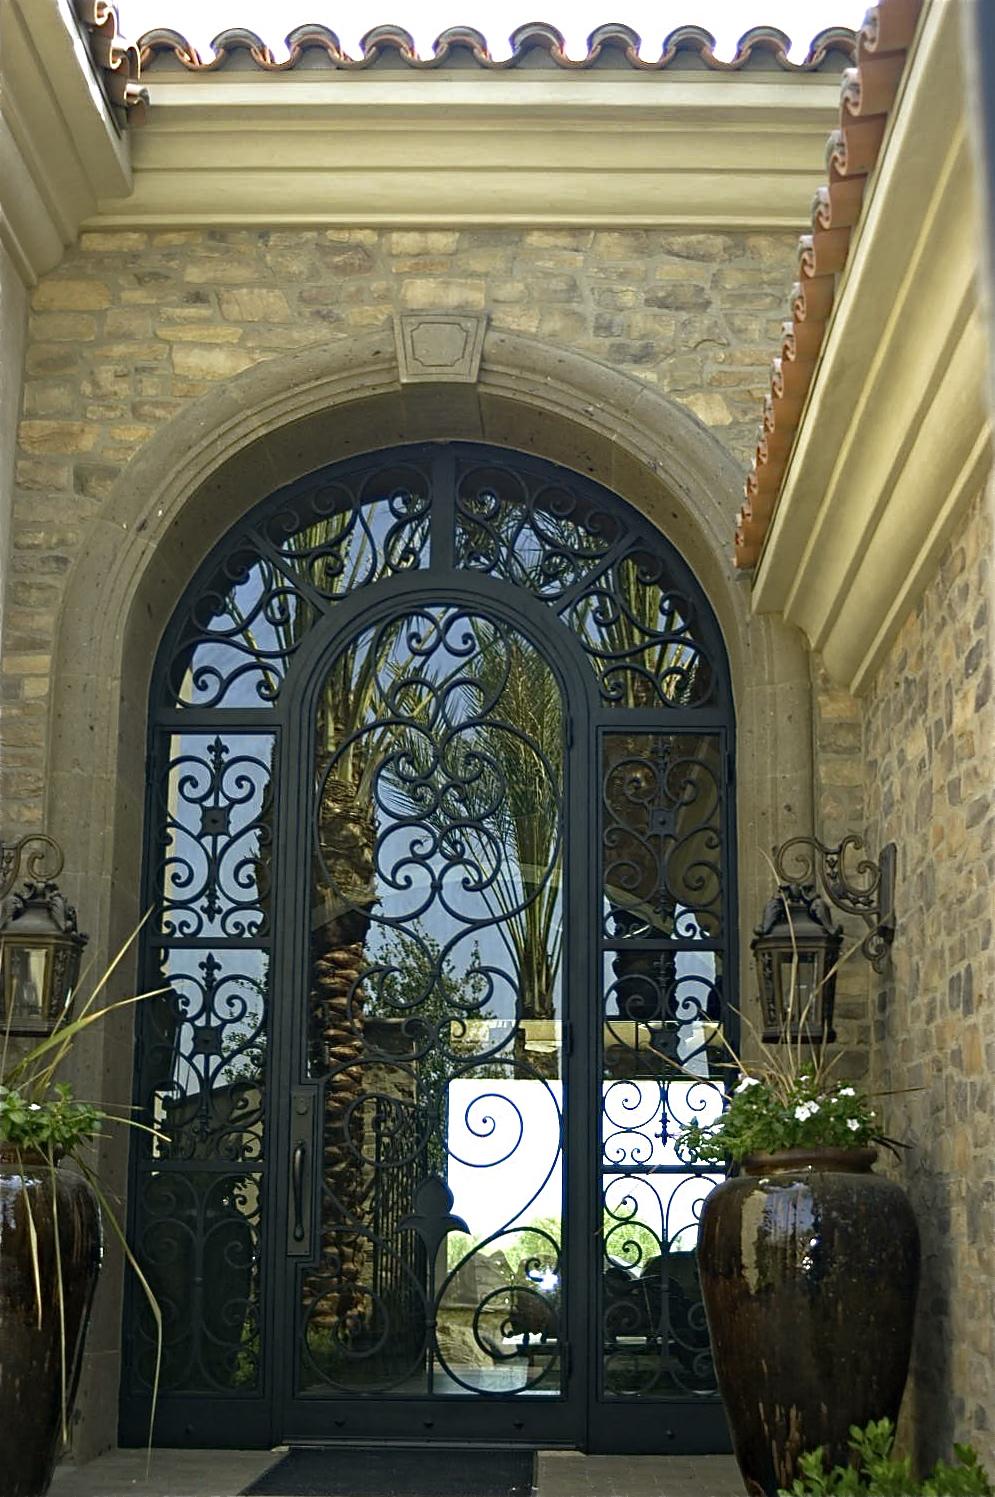 Cantera Stone Arch Surround & Molding / Surrounds - Cantera Stone \u0026 Limestone Architectural Designs